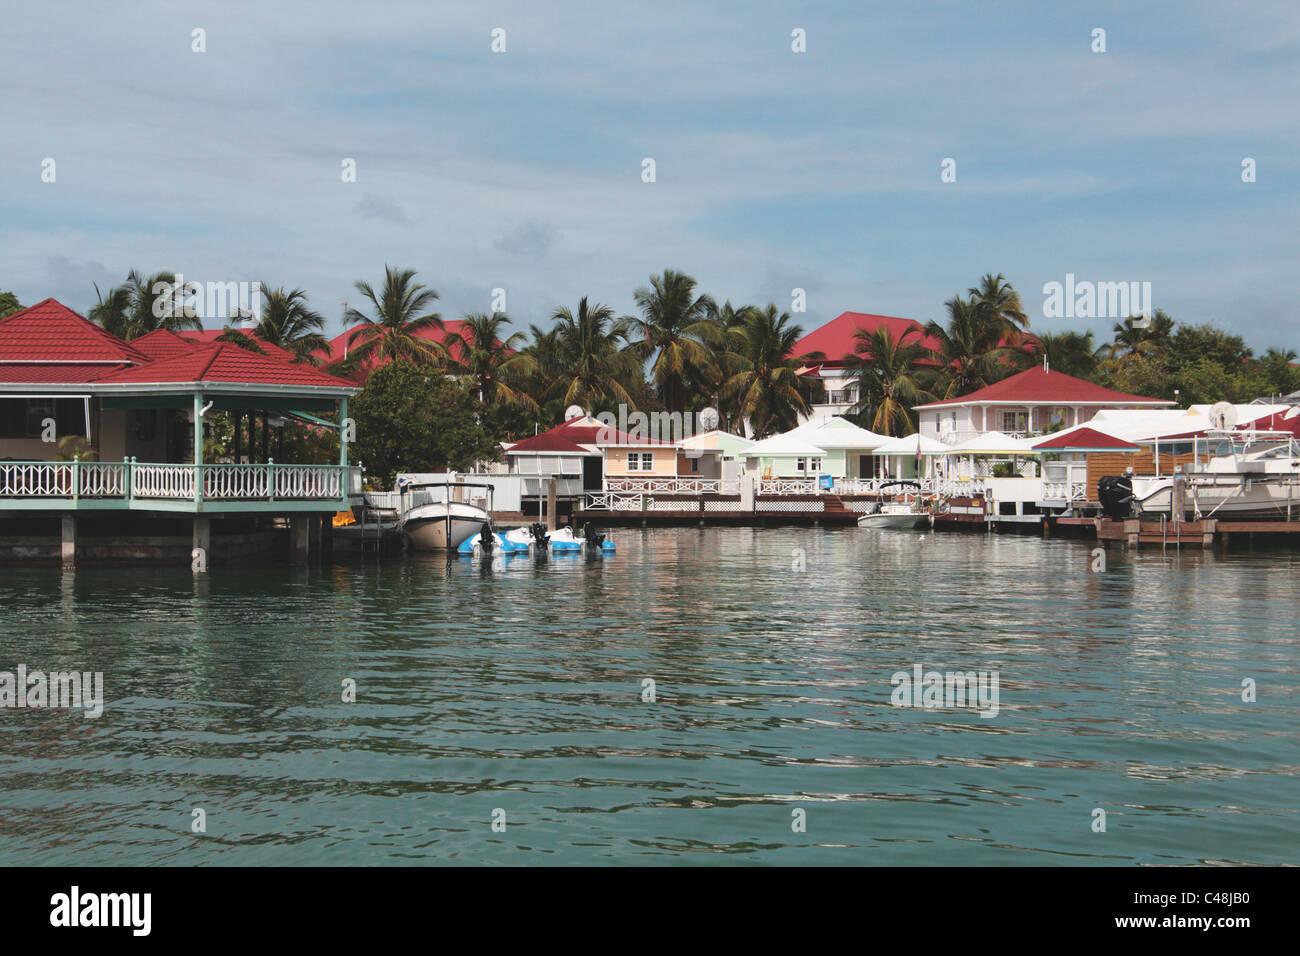 Embarcaciones y apartamentos del lado de agua, Jolly bay, antigua, West Indies Imagen De Stock